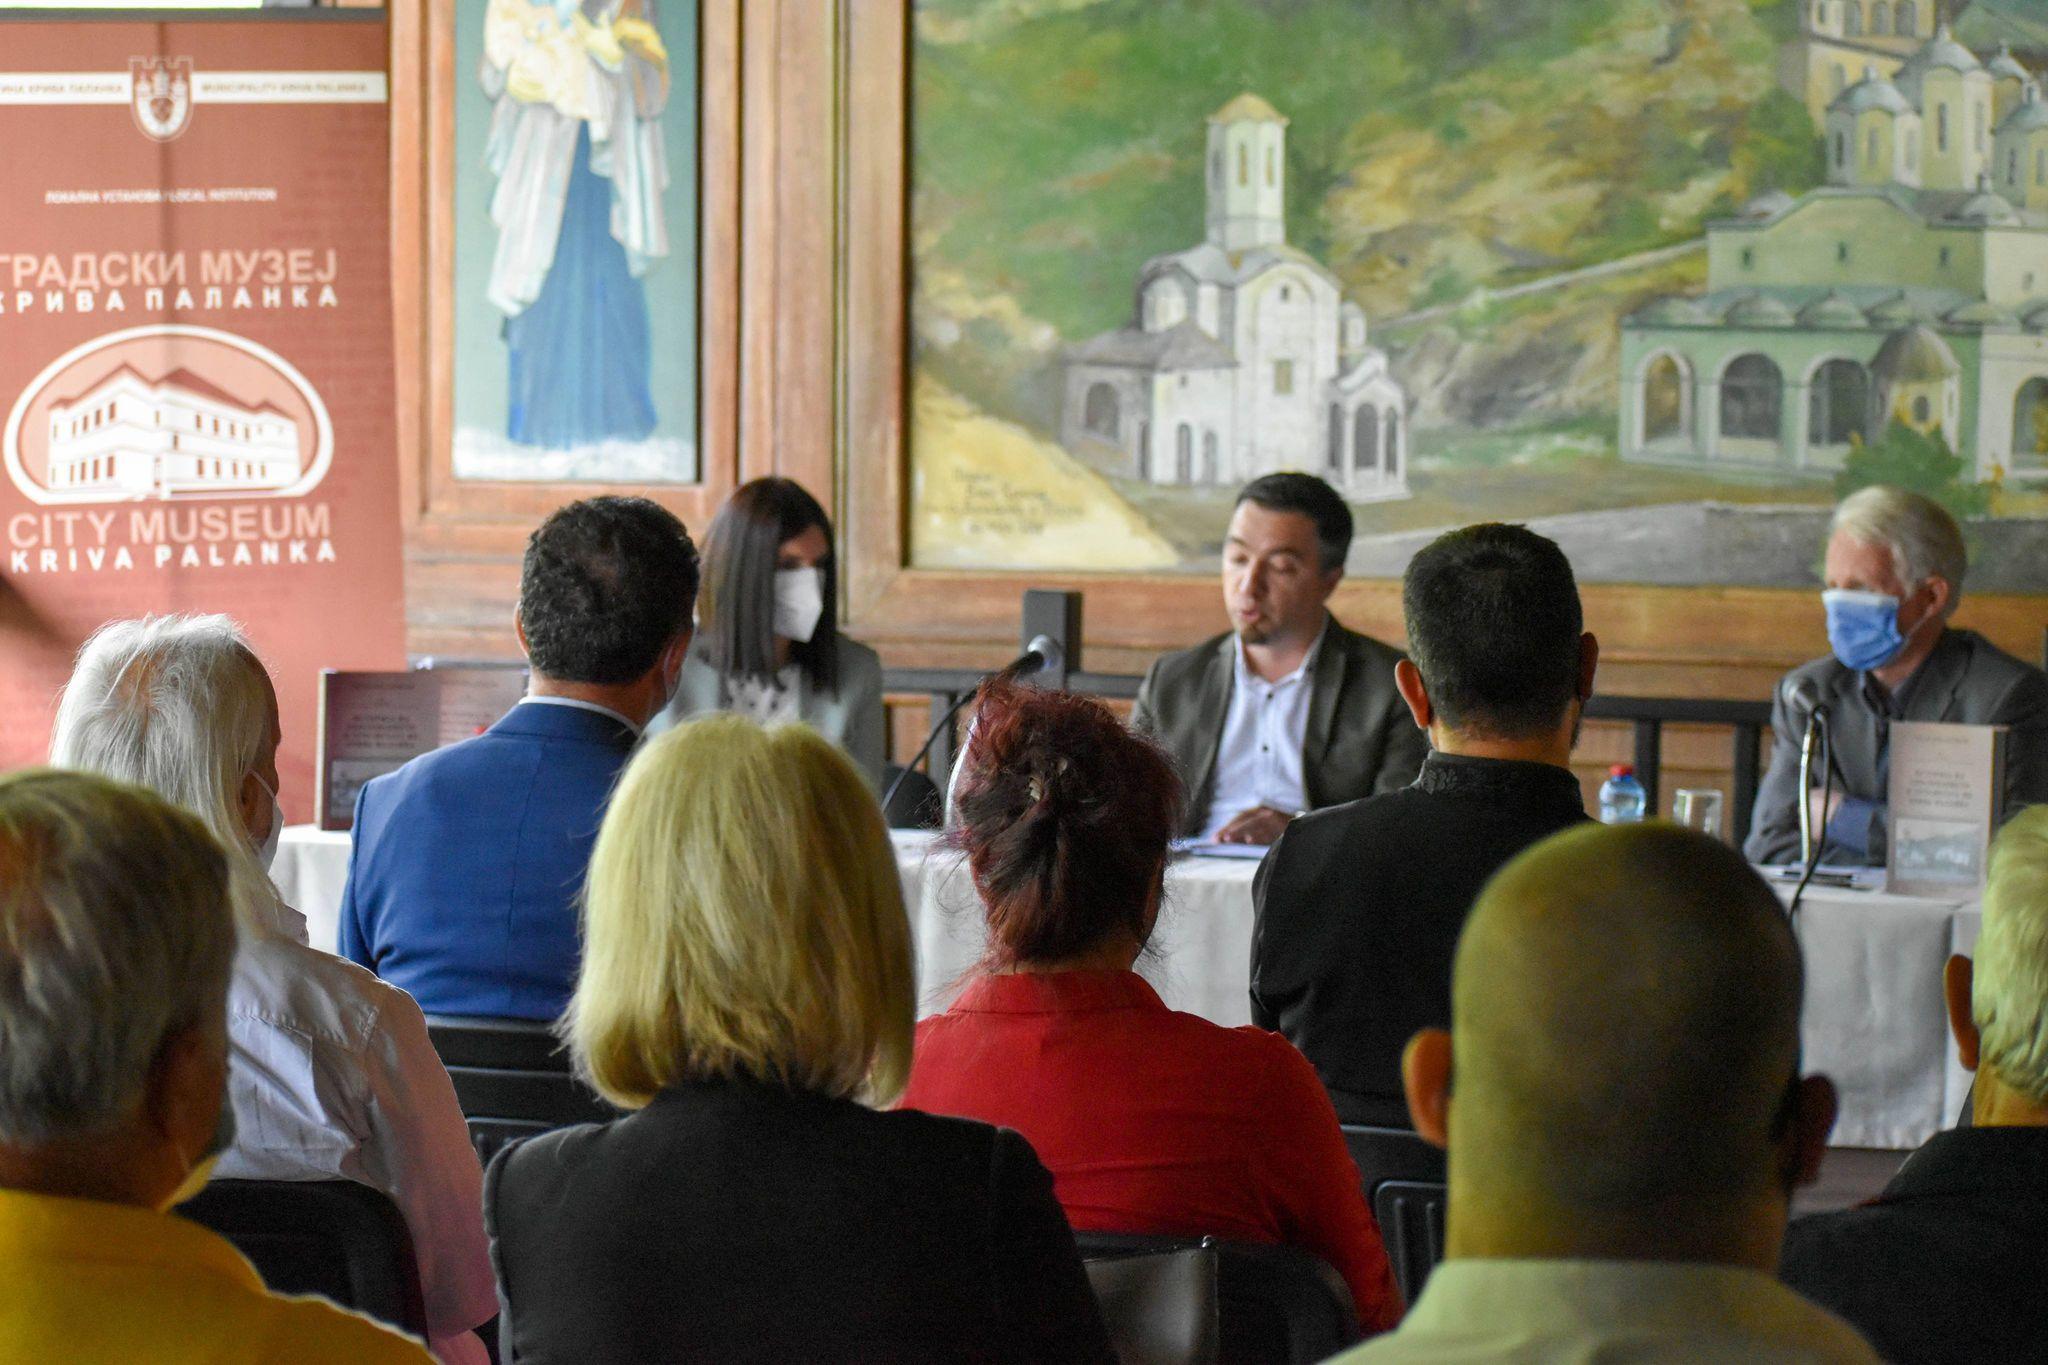 Промовирано капитално дело за образованието и просветата во Крива Паланка од д-р Јордан Михајловски